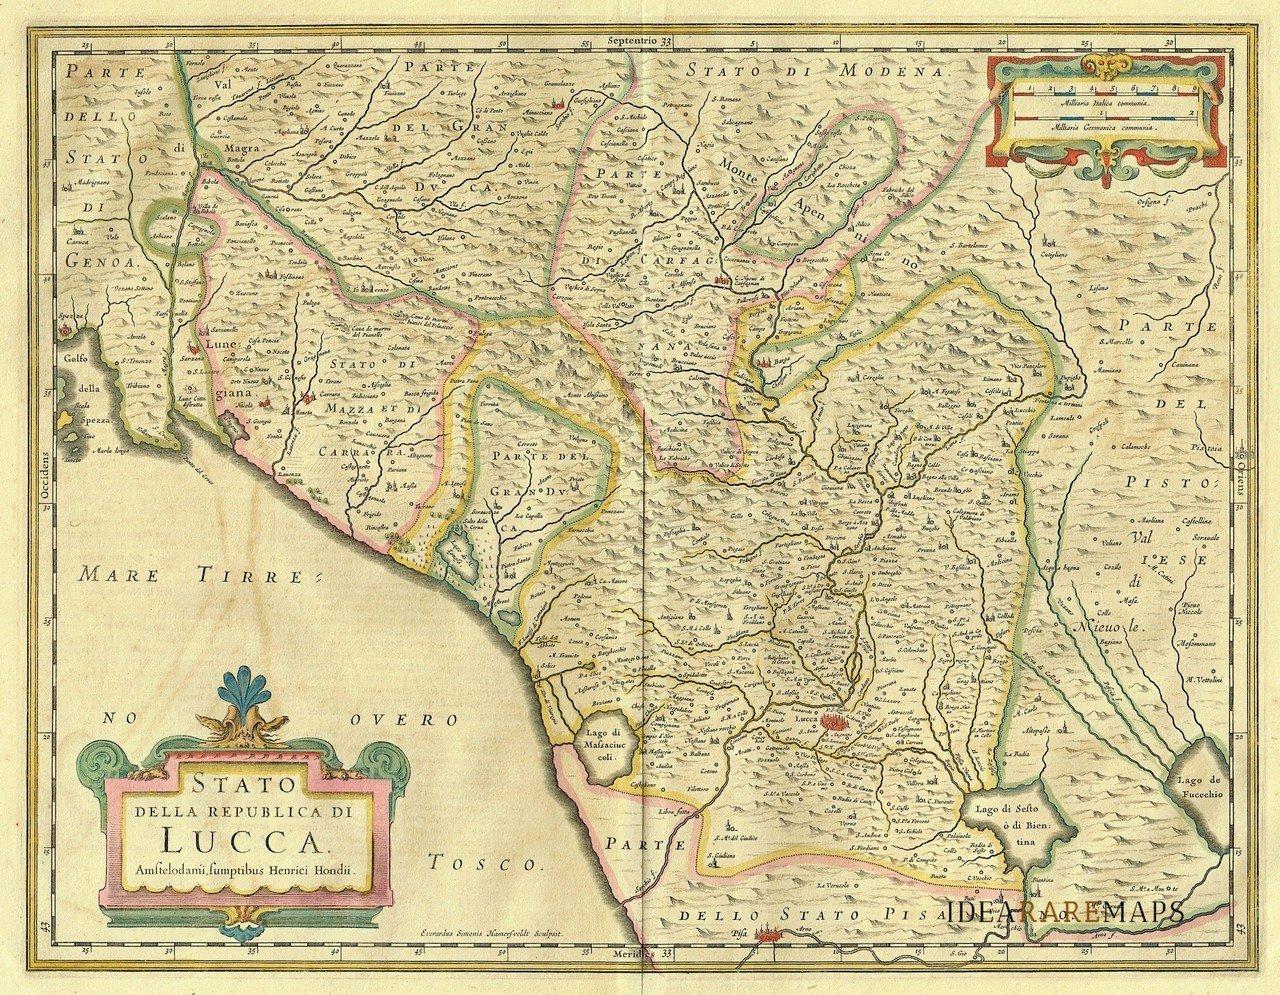 Mappa della Repubblica di Lucca